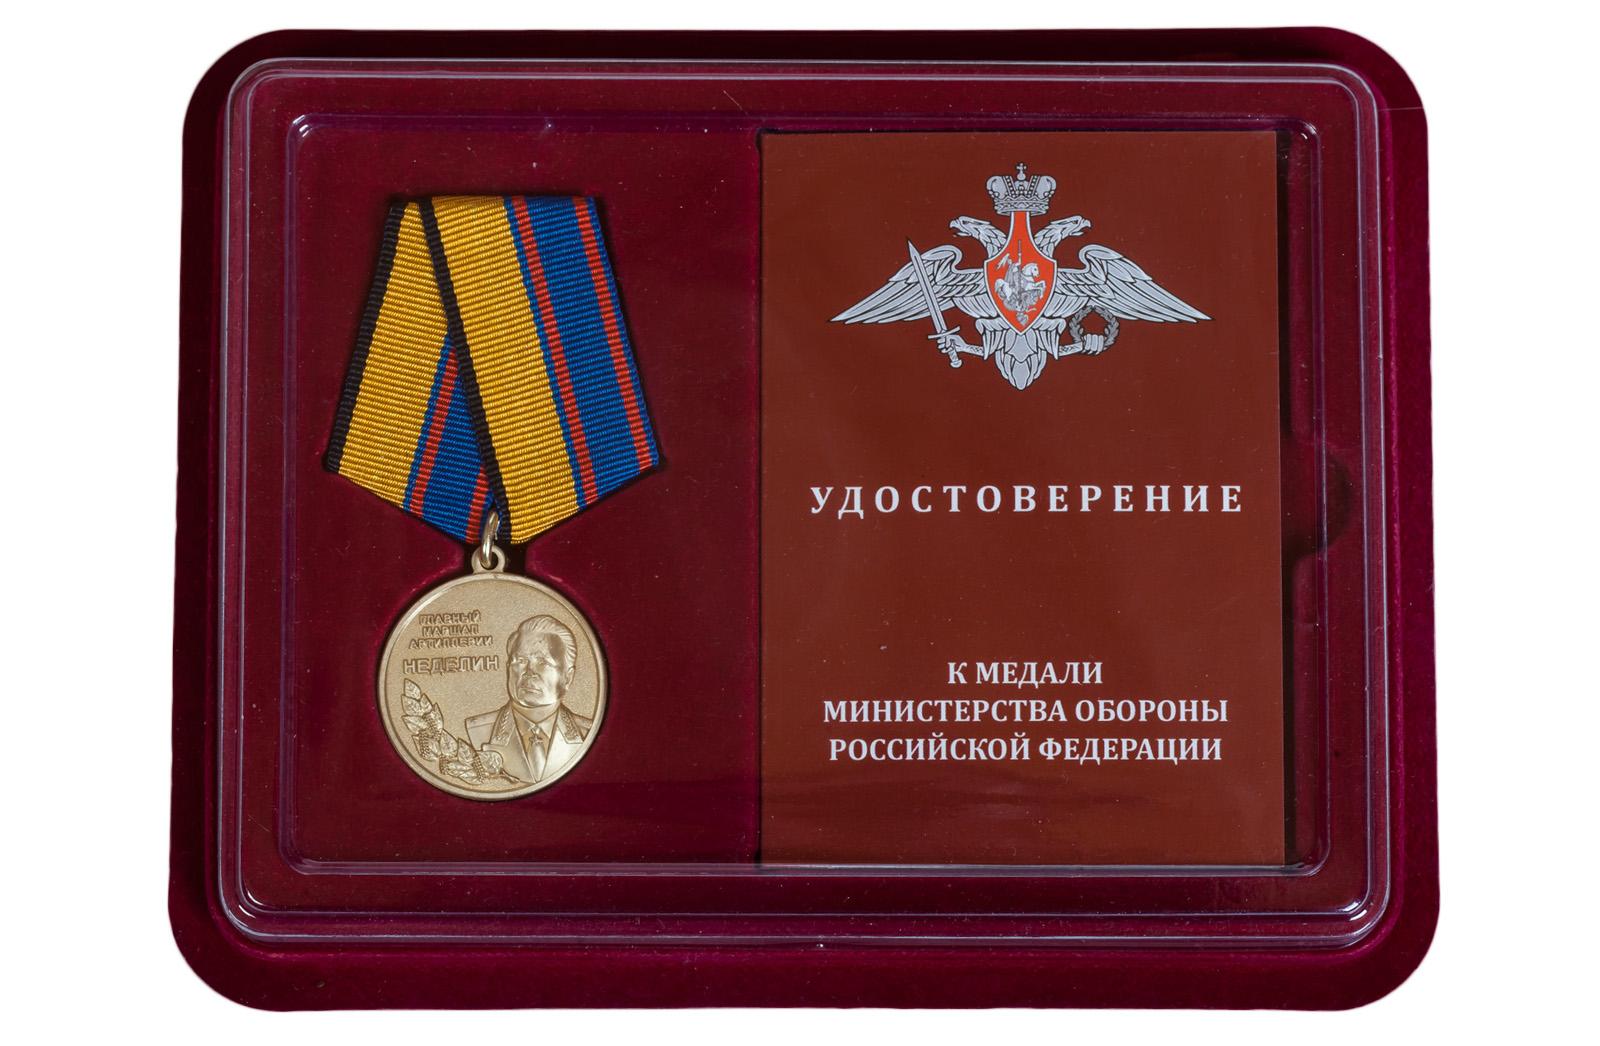 Купить медаль Главный маршал артиллерии Неделин с доставкой в ваш город